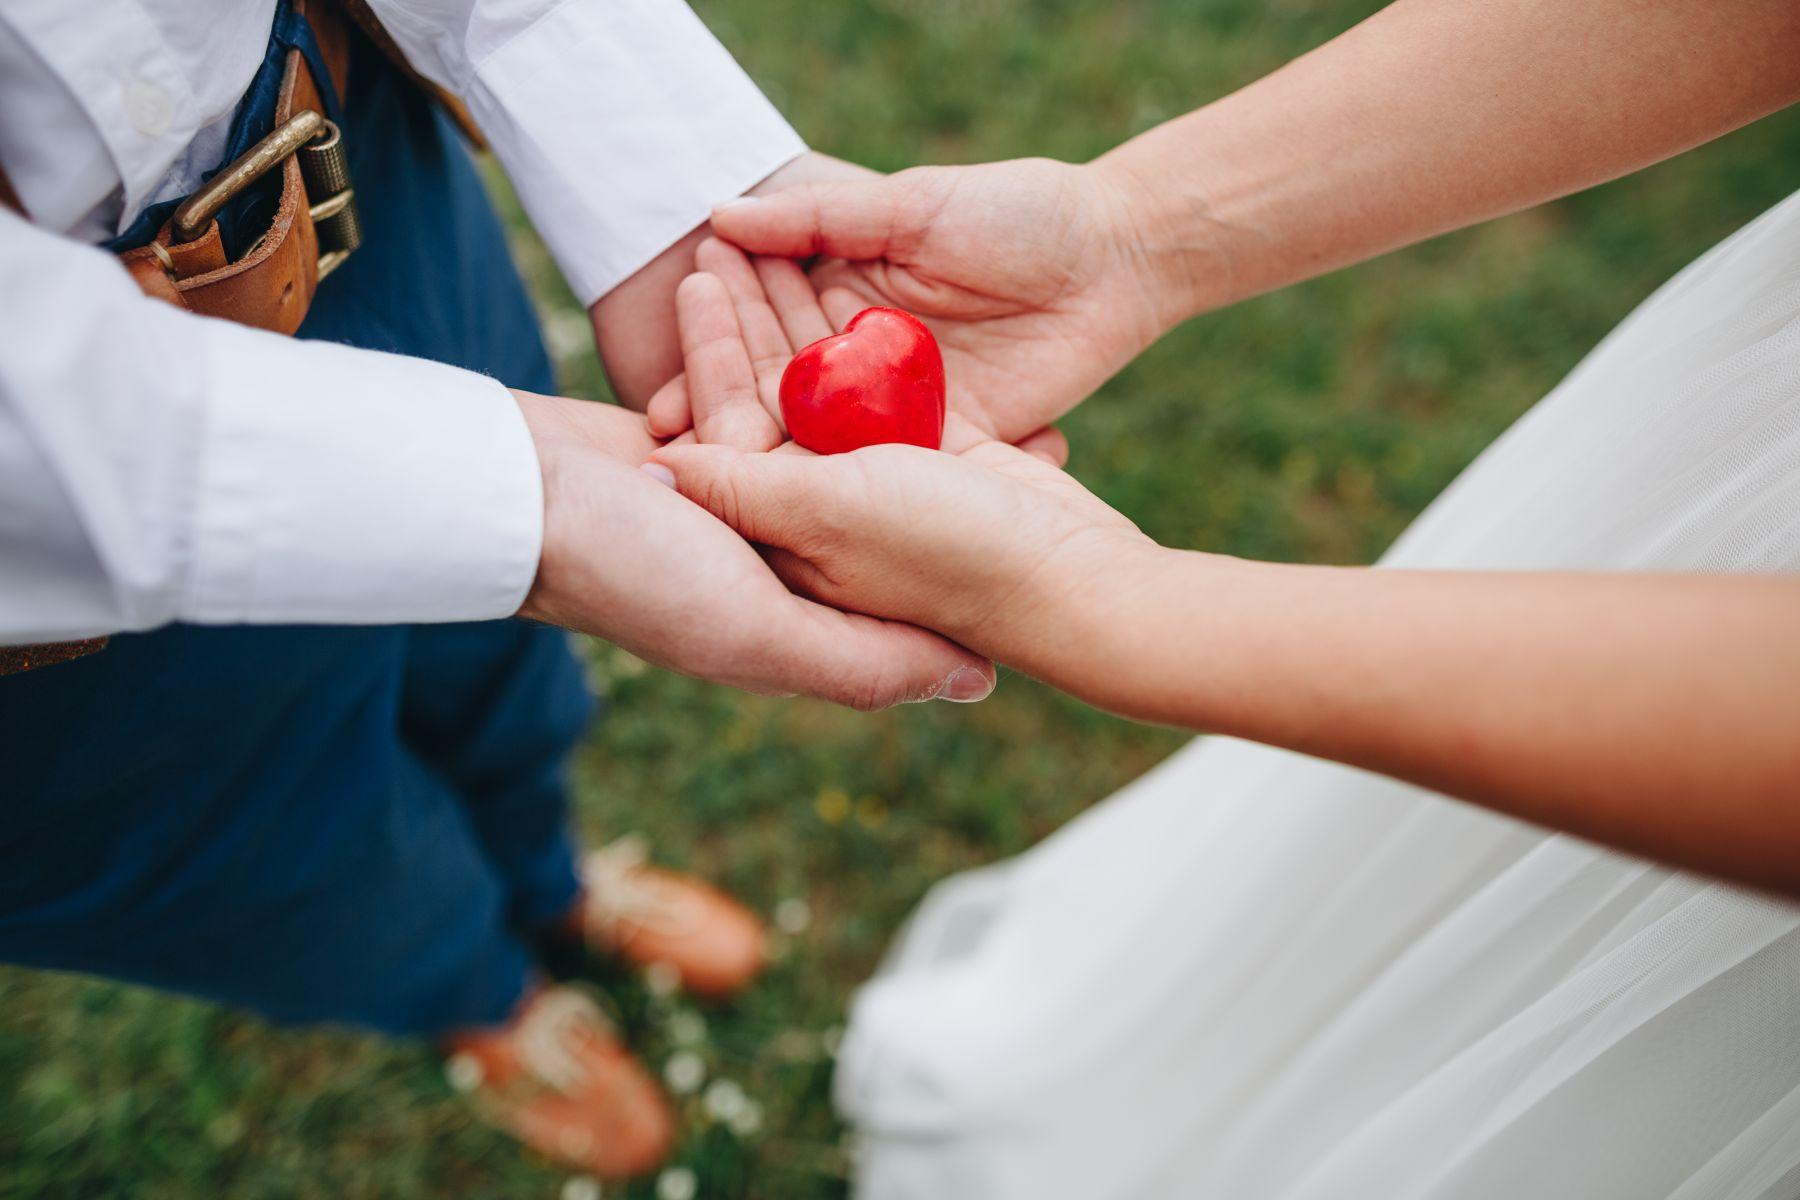 偏鄉師罹難 母捐出全數賠償「讓女兒的愛可以繼續」